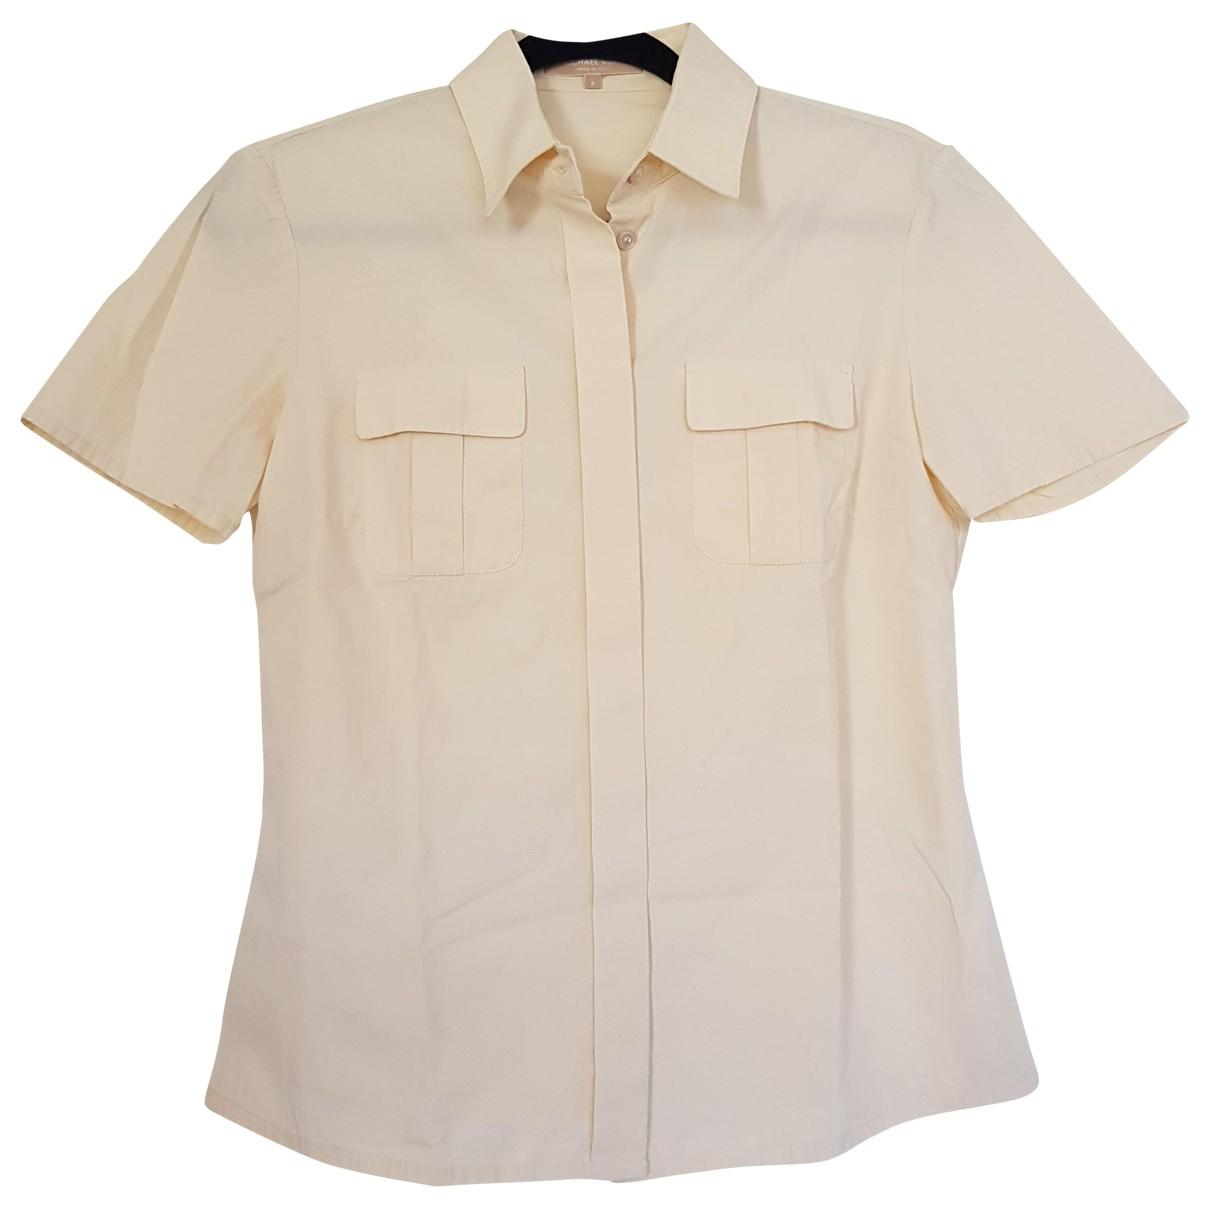 Michael Kors - Top   pour femme en coton - beige